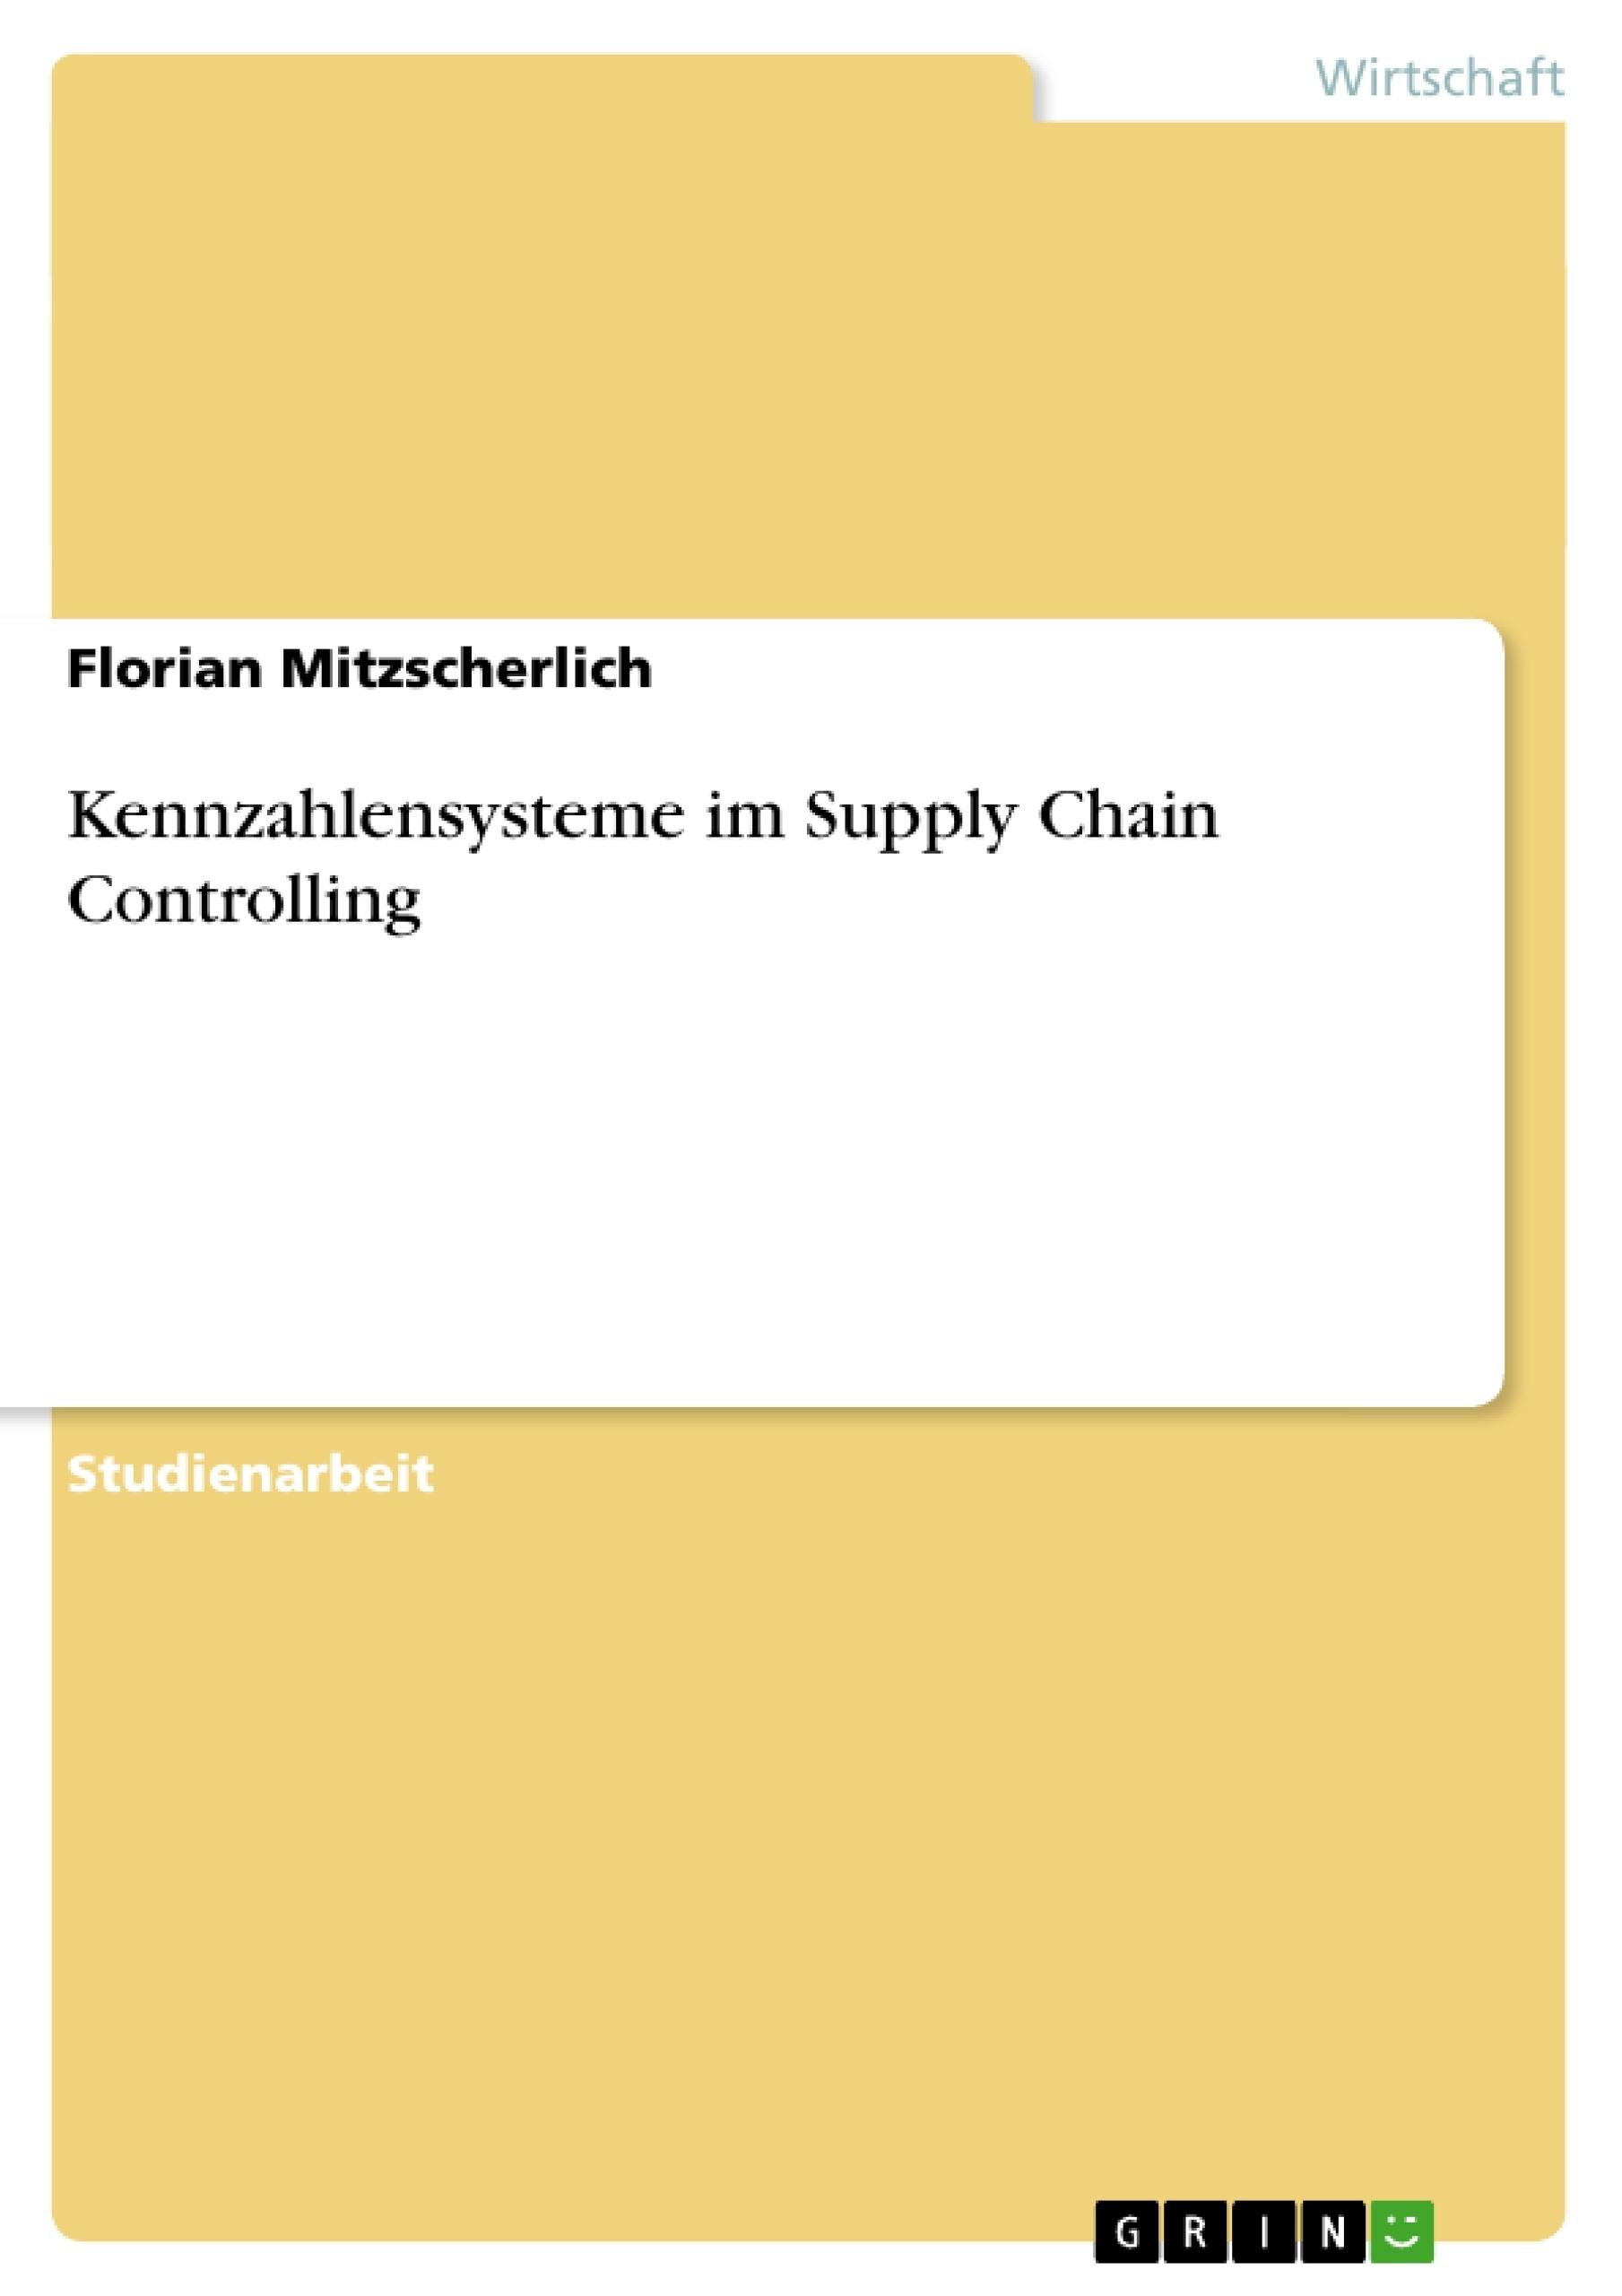 Titel: Kennzahlensysteme im Supply Chain Controlling